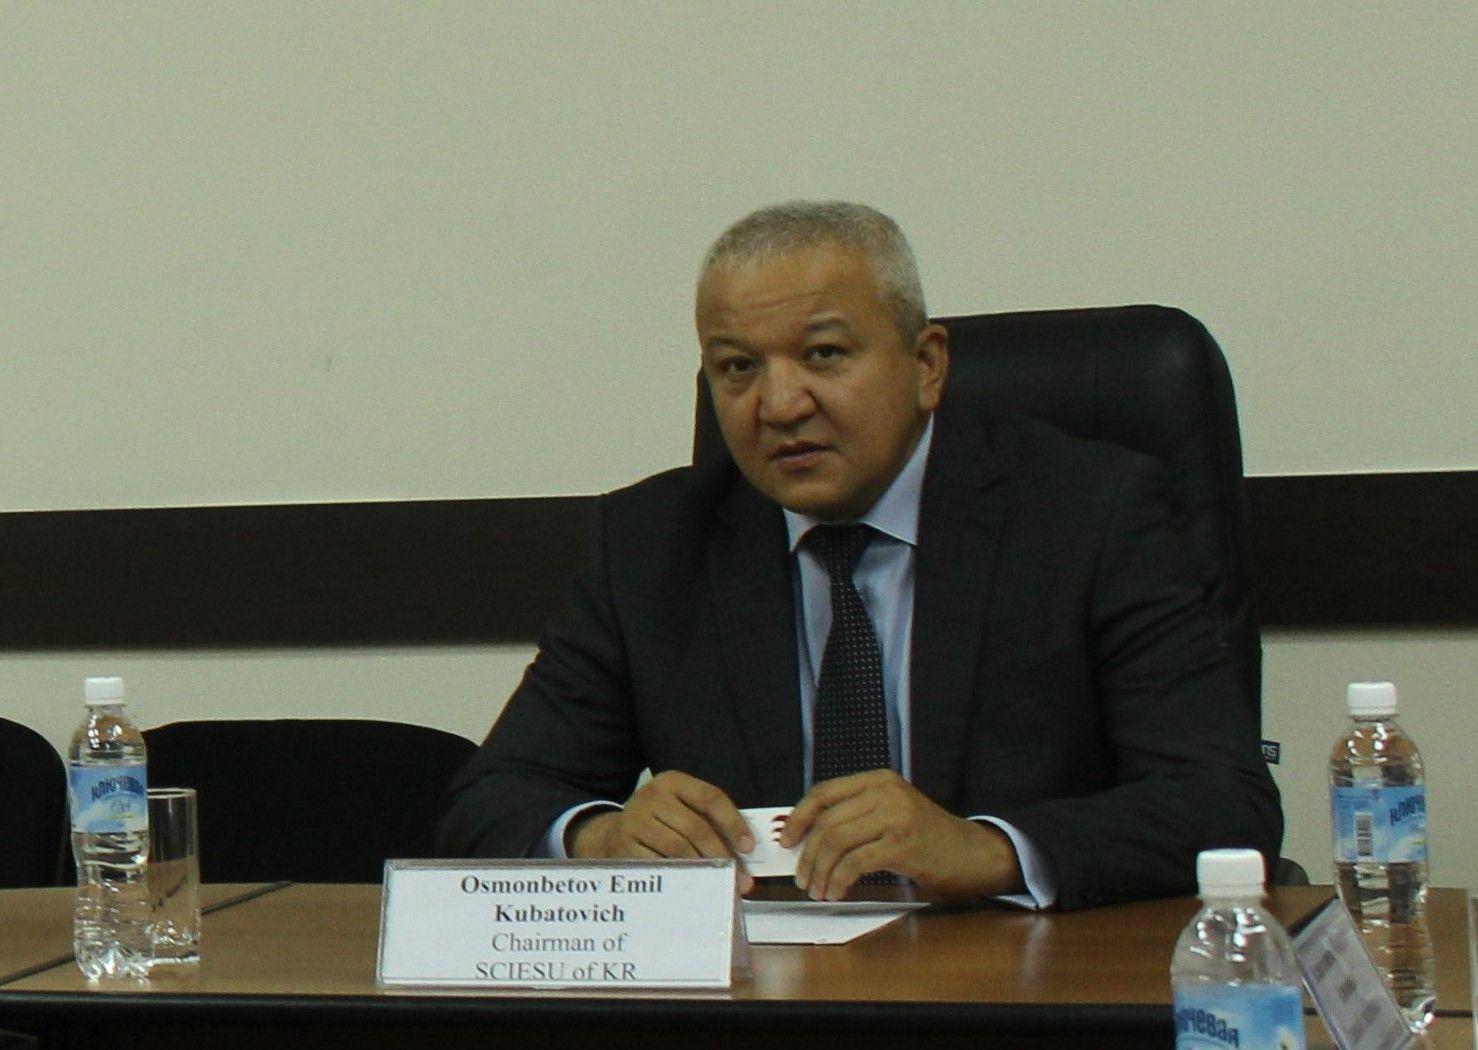 Председатель Государственного комитета промышленности, энергетики и недропользования ЭмильОсмонбетов